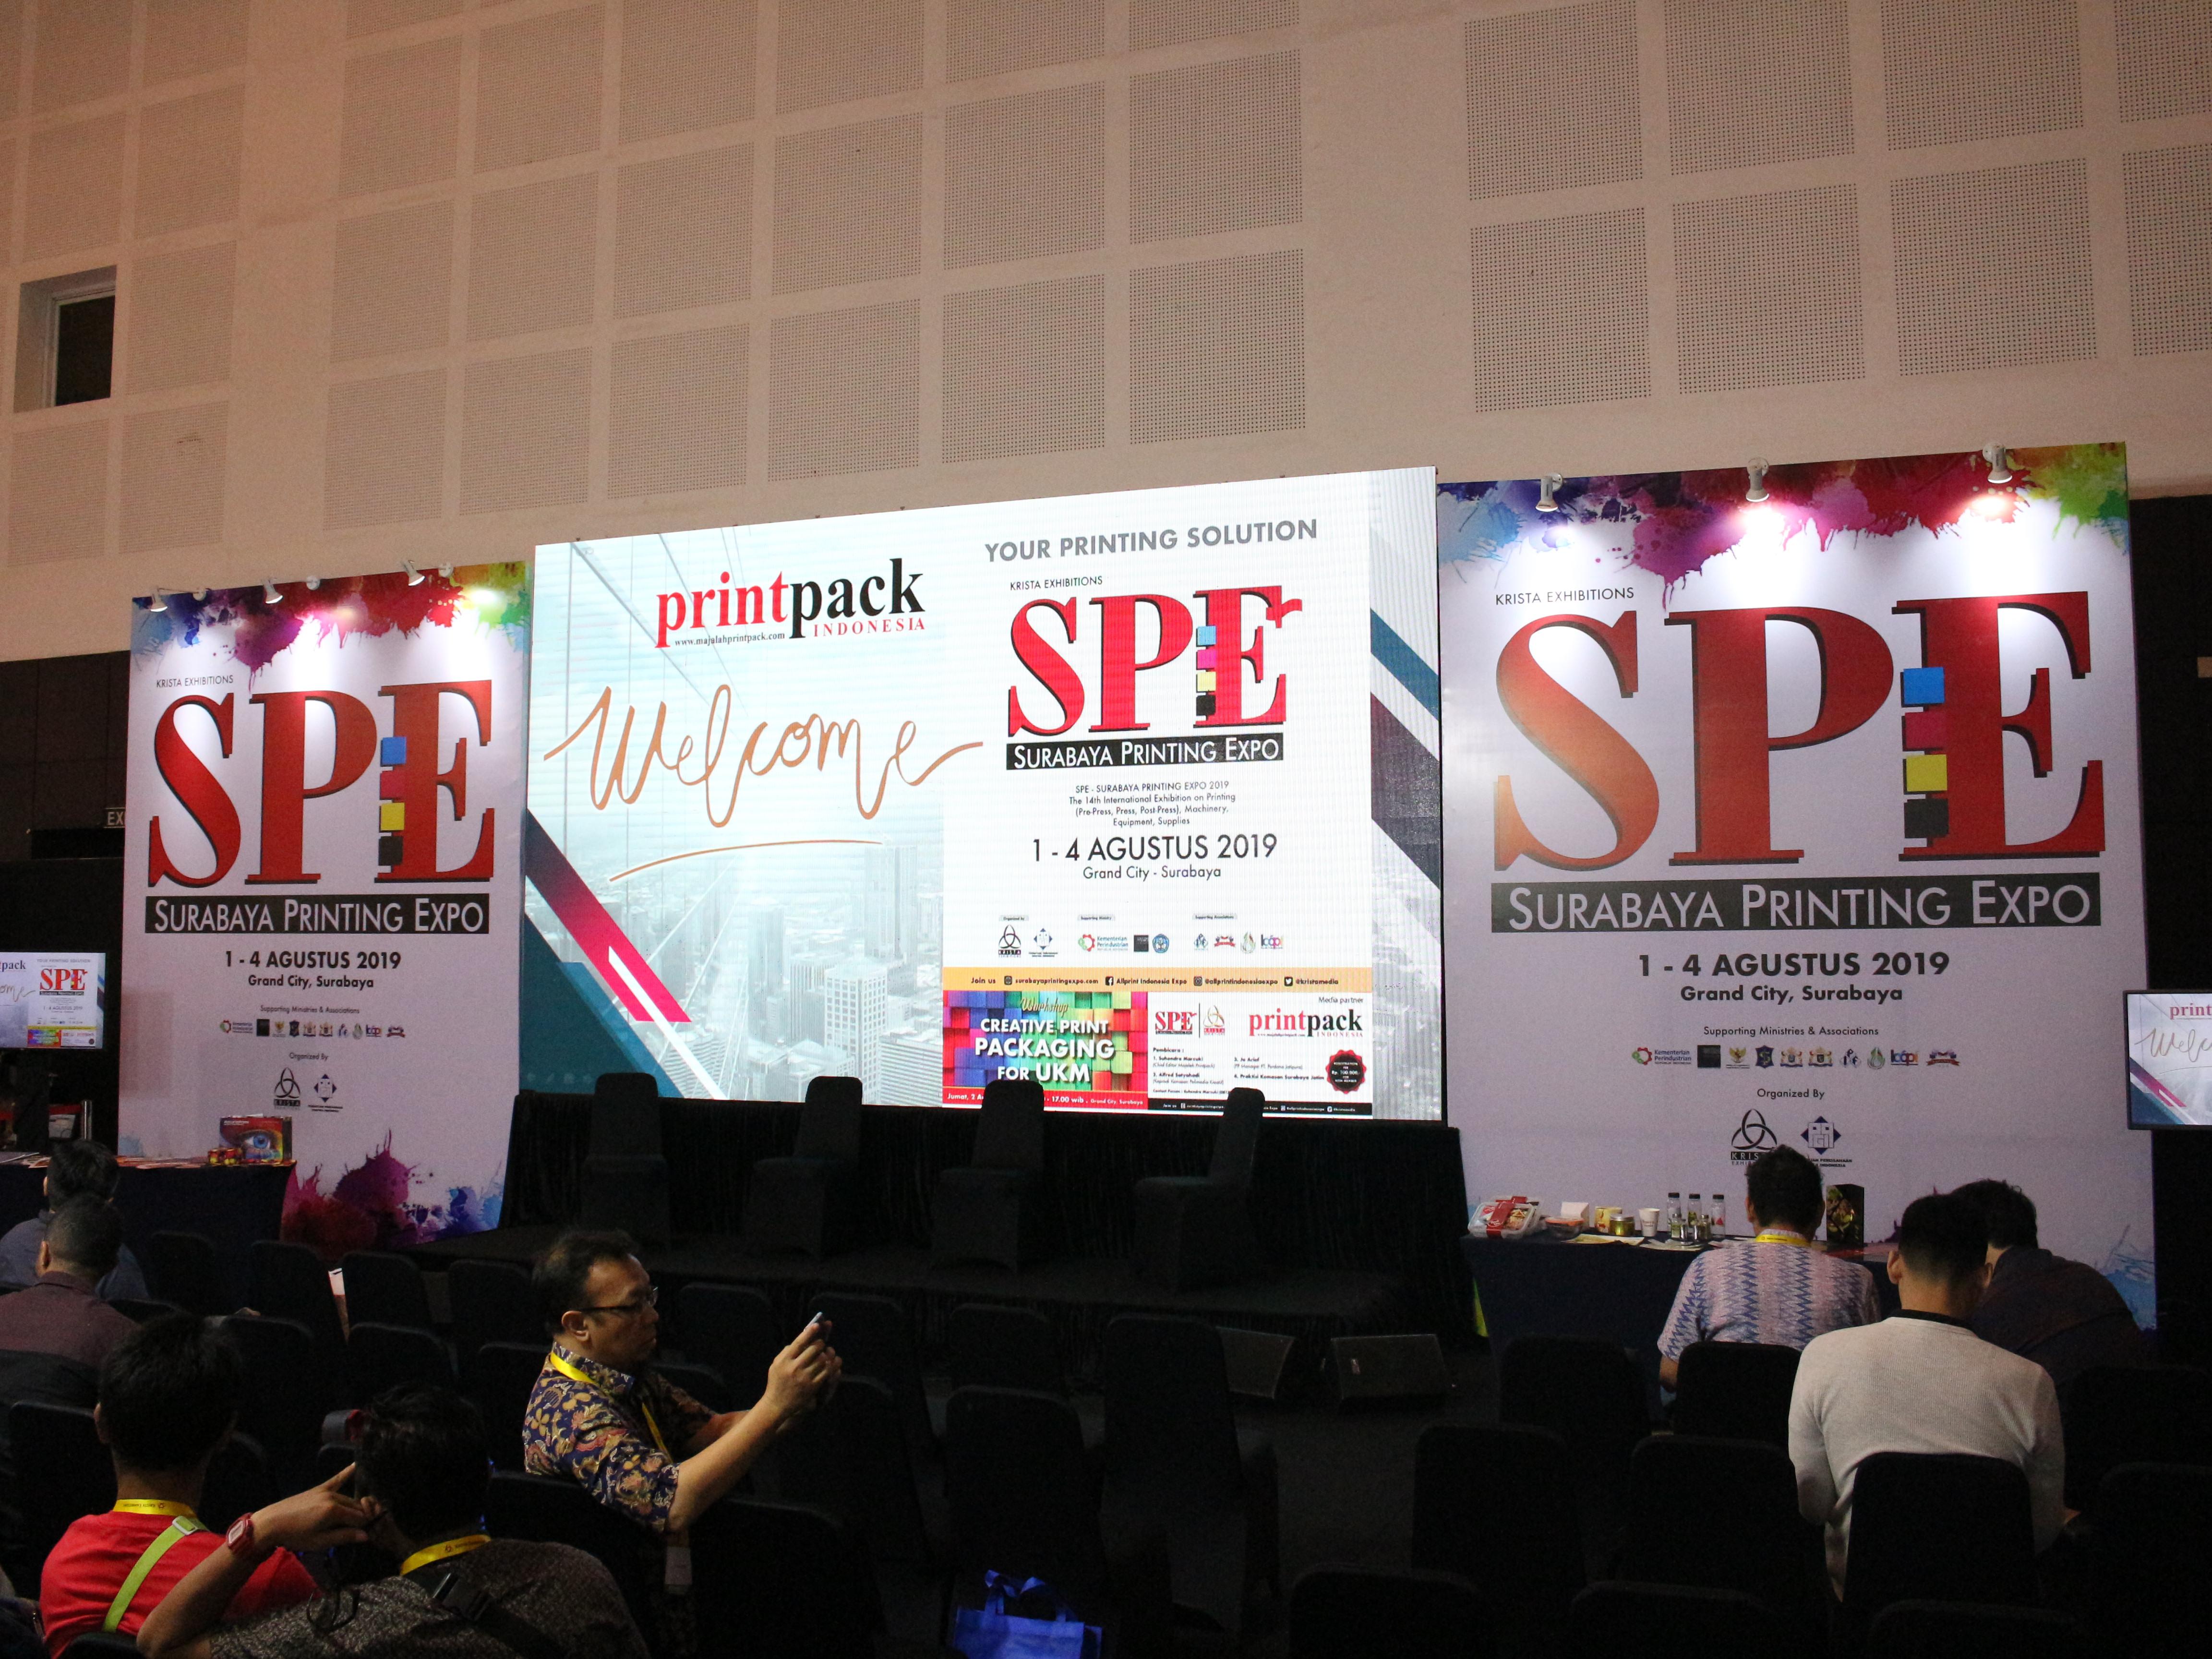 Surabaya Printing Expo 2019